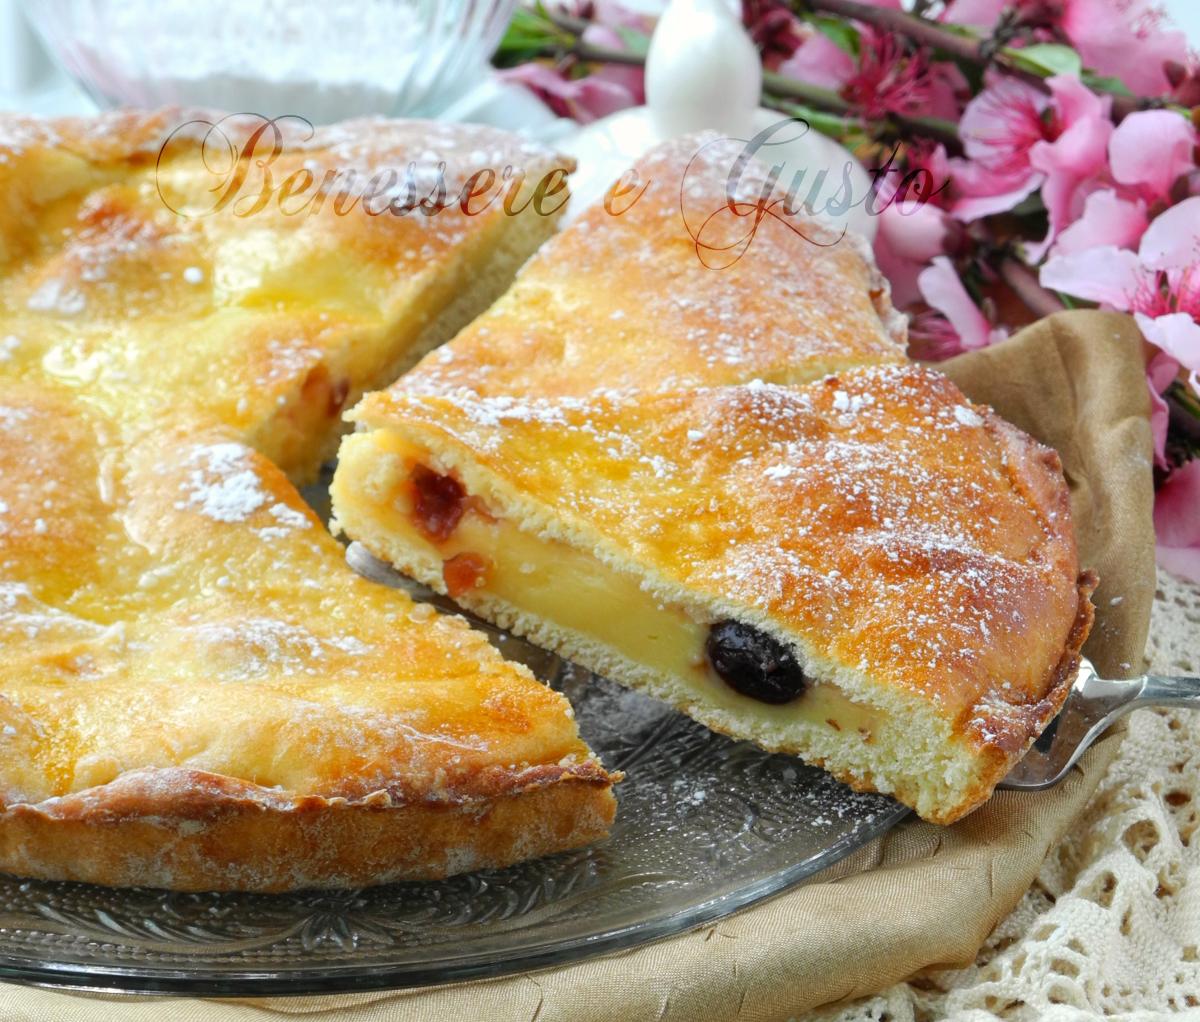 Torta polacca aversana ricetta con crema pasticcera e amarene for Siti ricette dolci